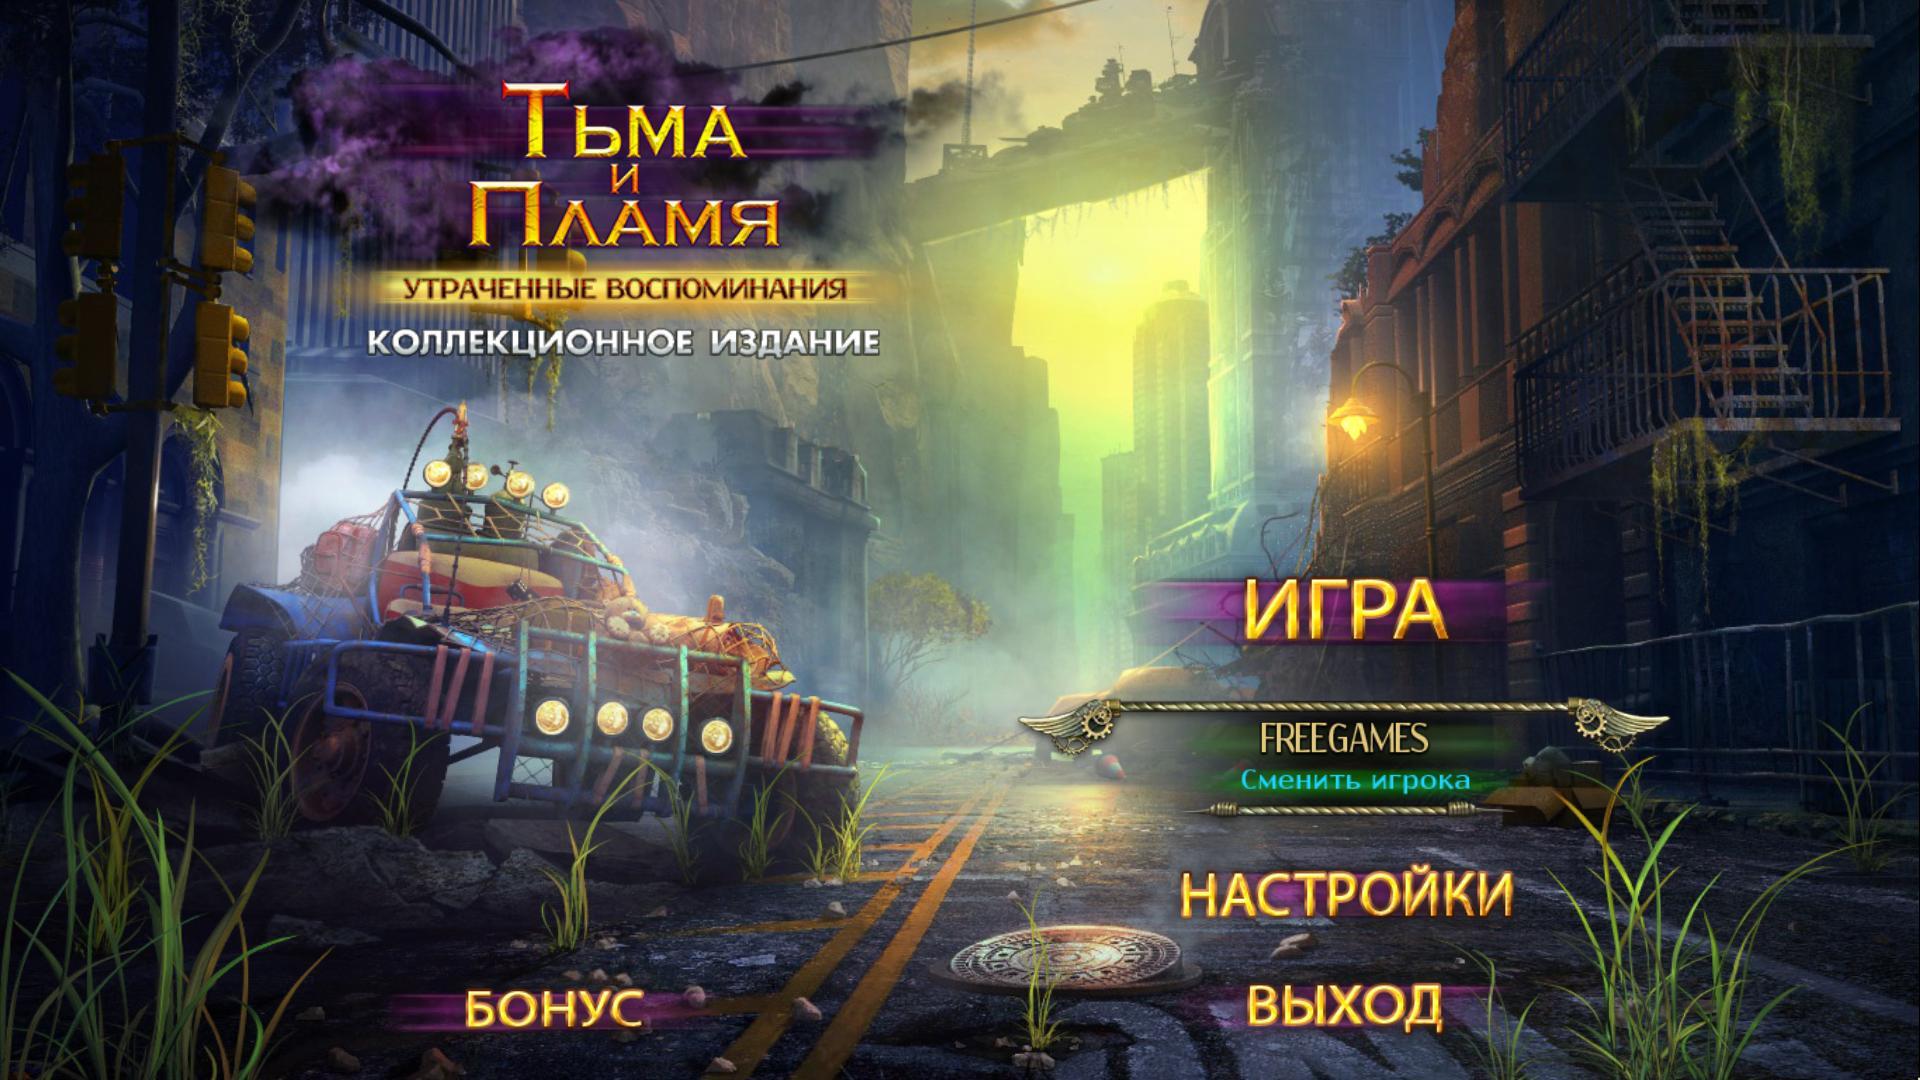 Тьма и пламя 2: Утраченные воспоминания. Коллекционное издание | Darkness and Flame 2: Missing Memories CE (Rus)